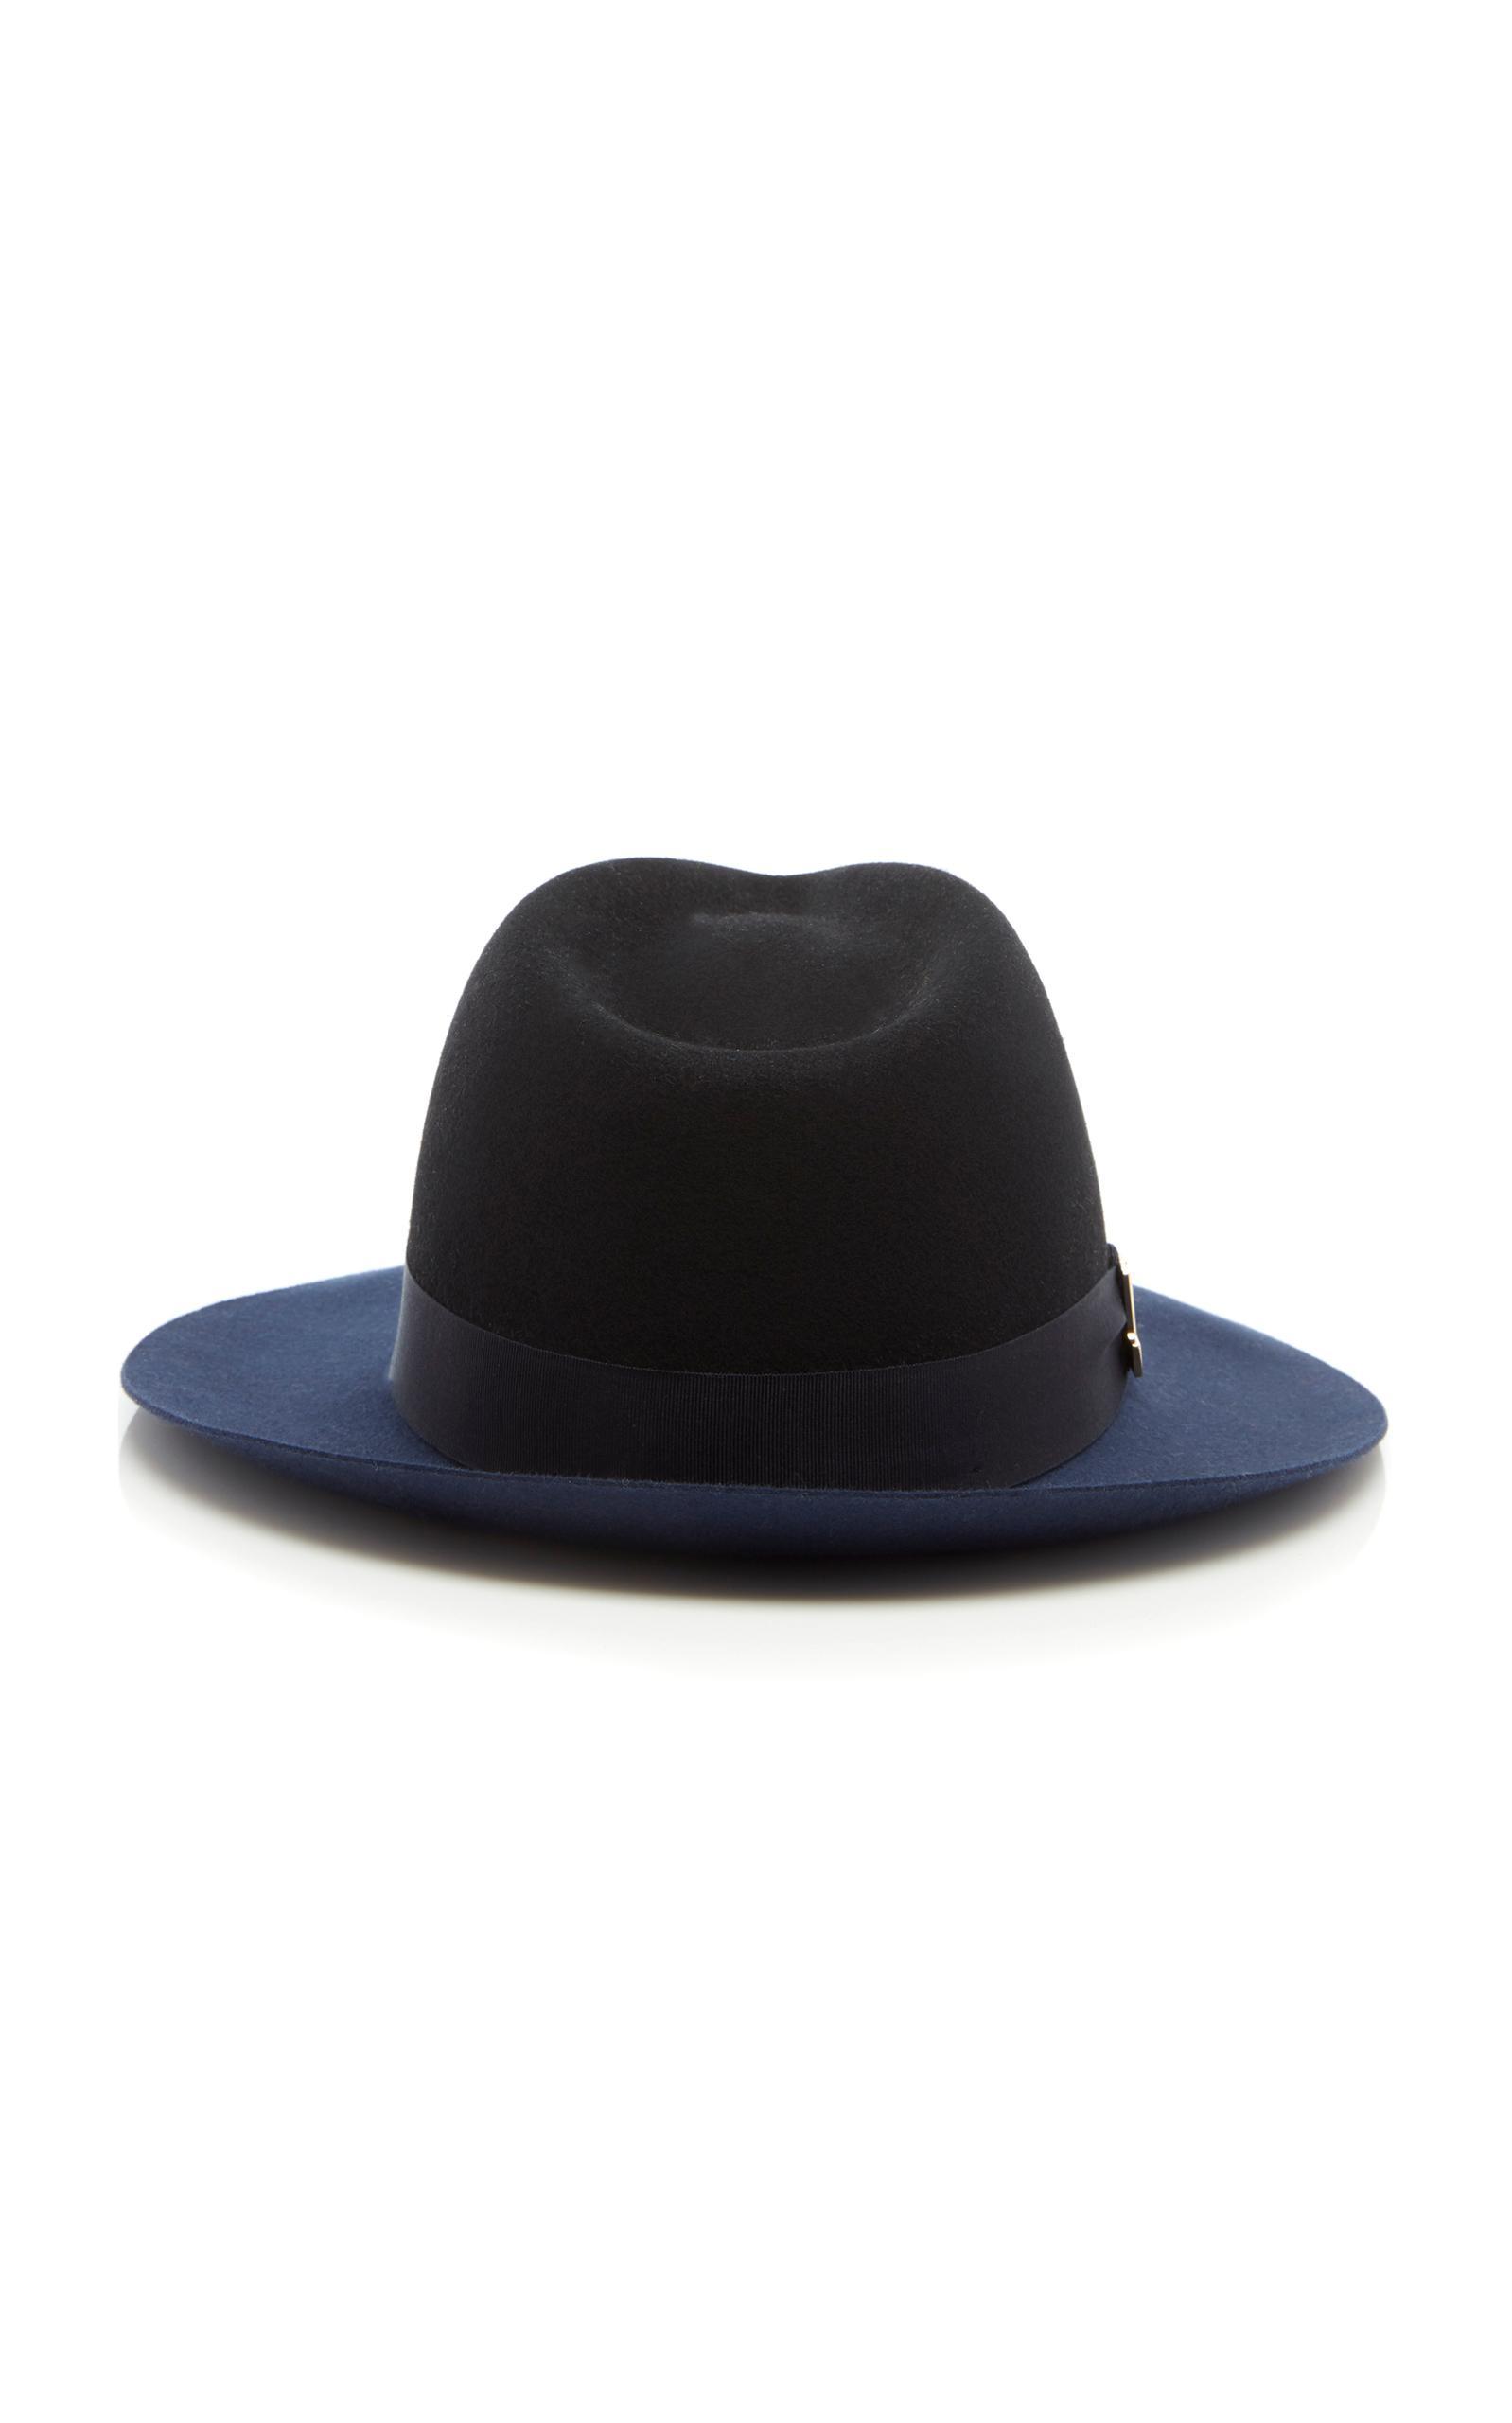 2ae8e5a7d4b Lyst - Lanvin Jl Fedora in Blue